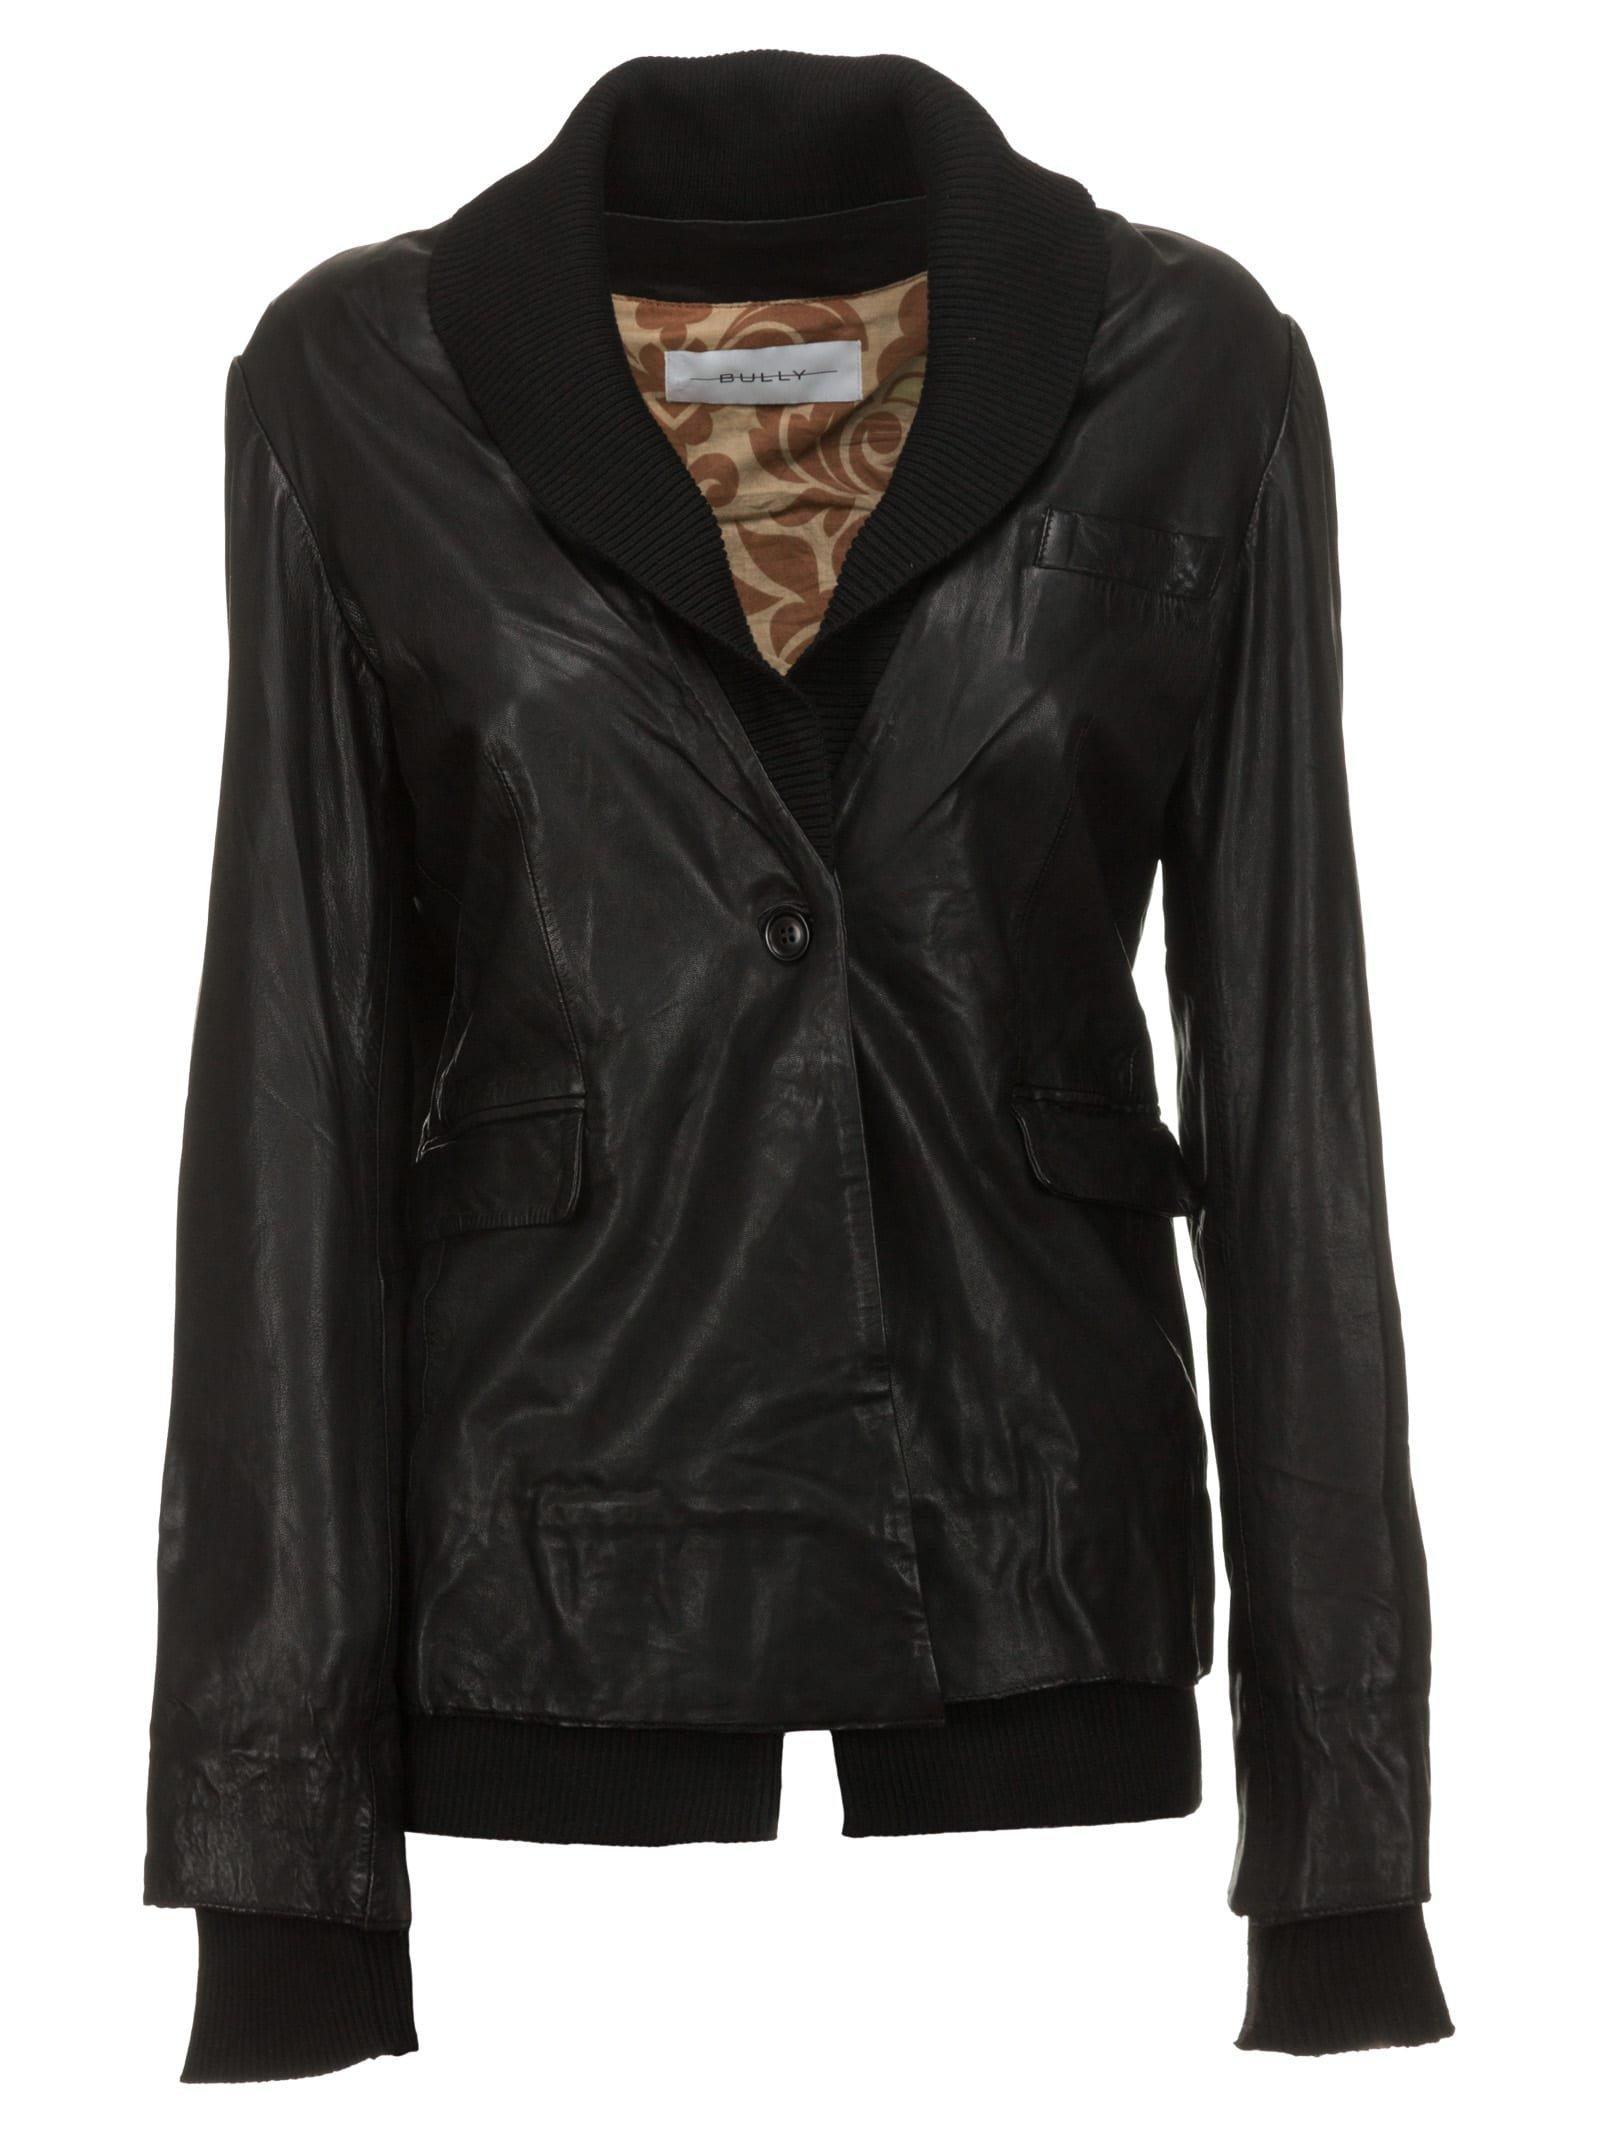 Bully Black Leather Jacket